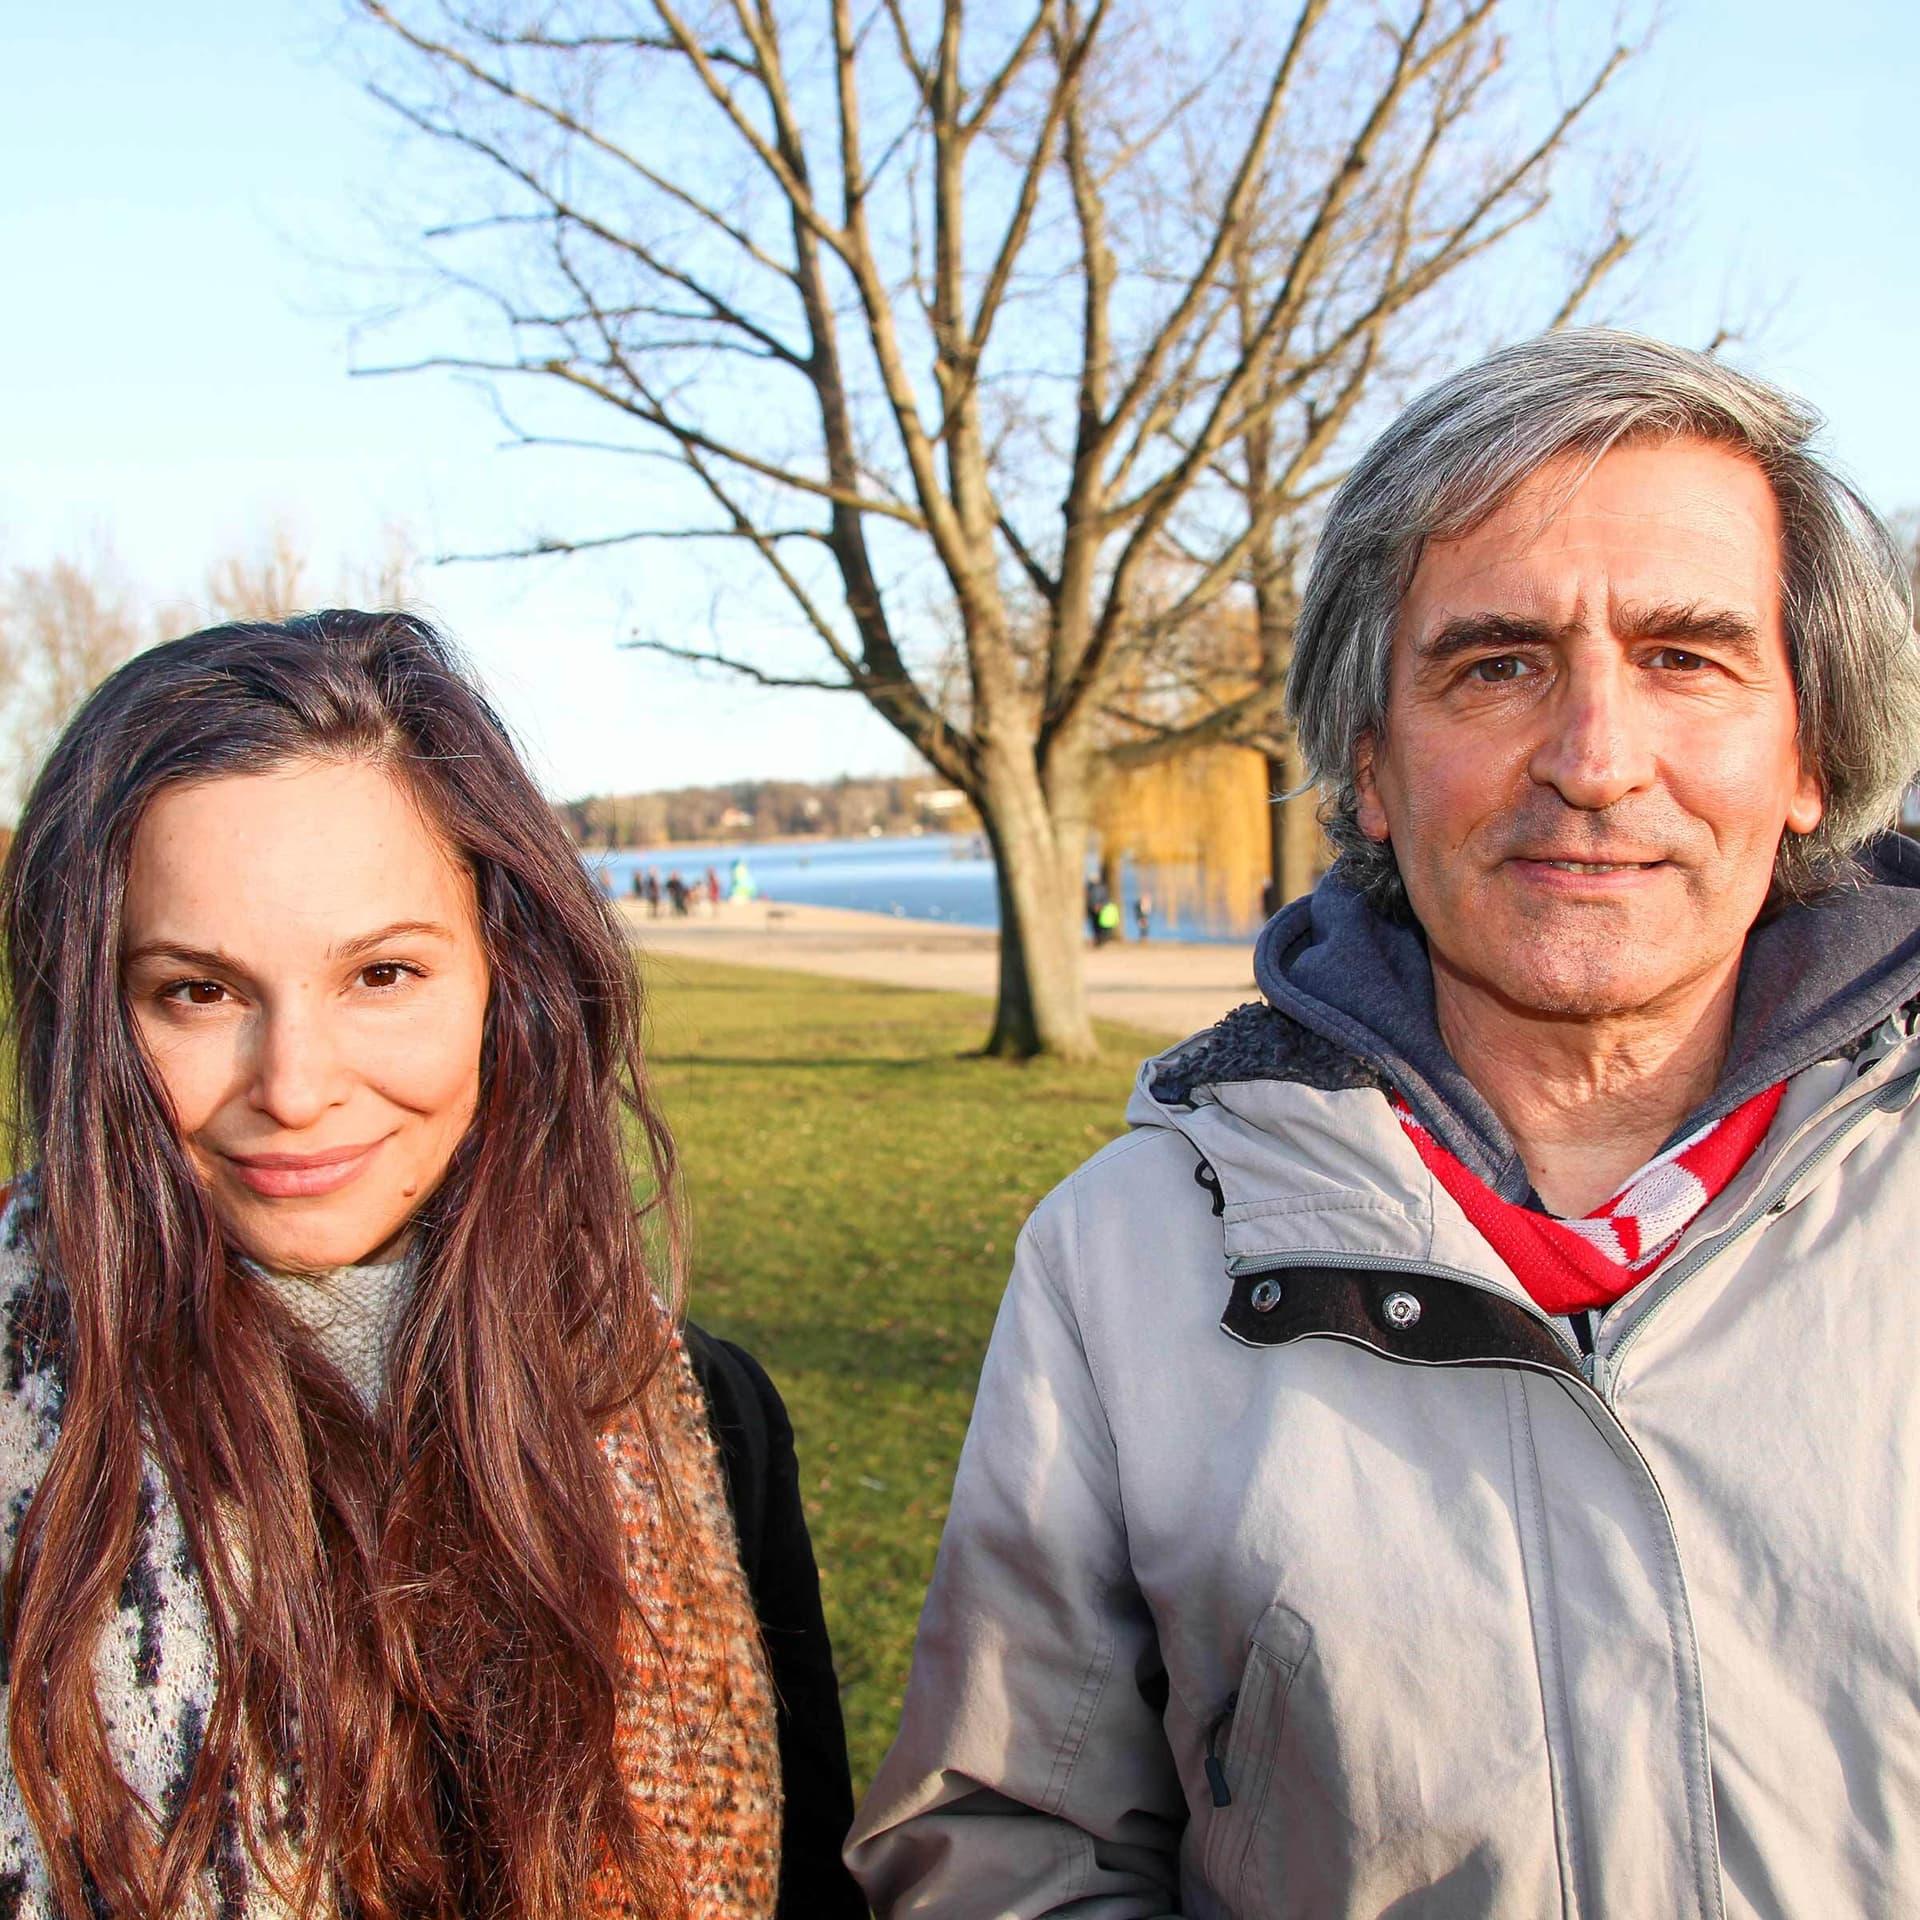 Mina tander und Manfred Loosen am Wannsee